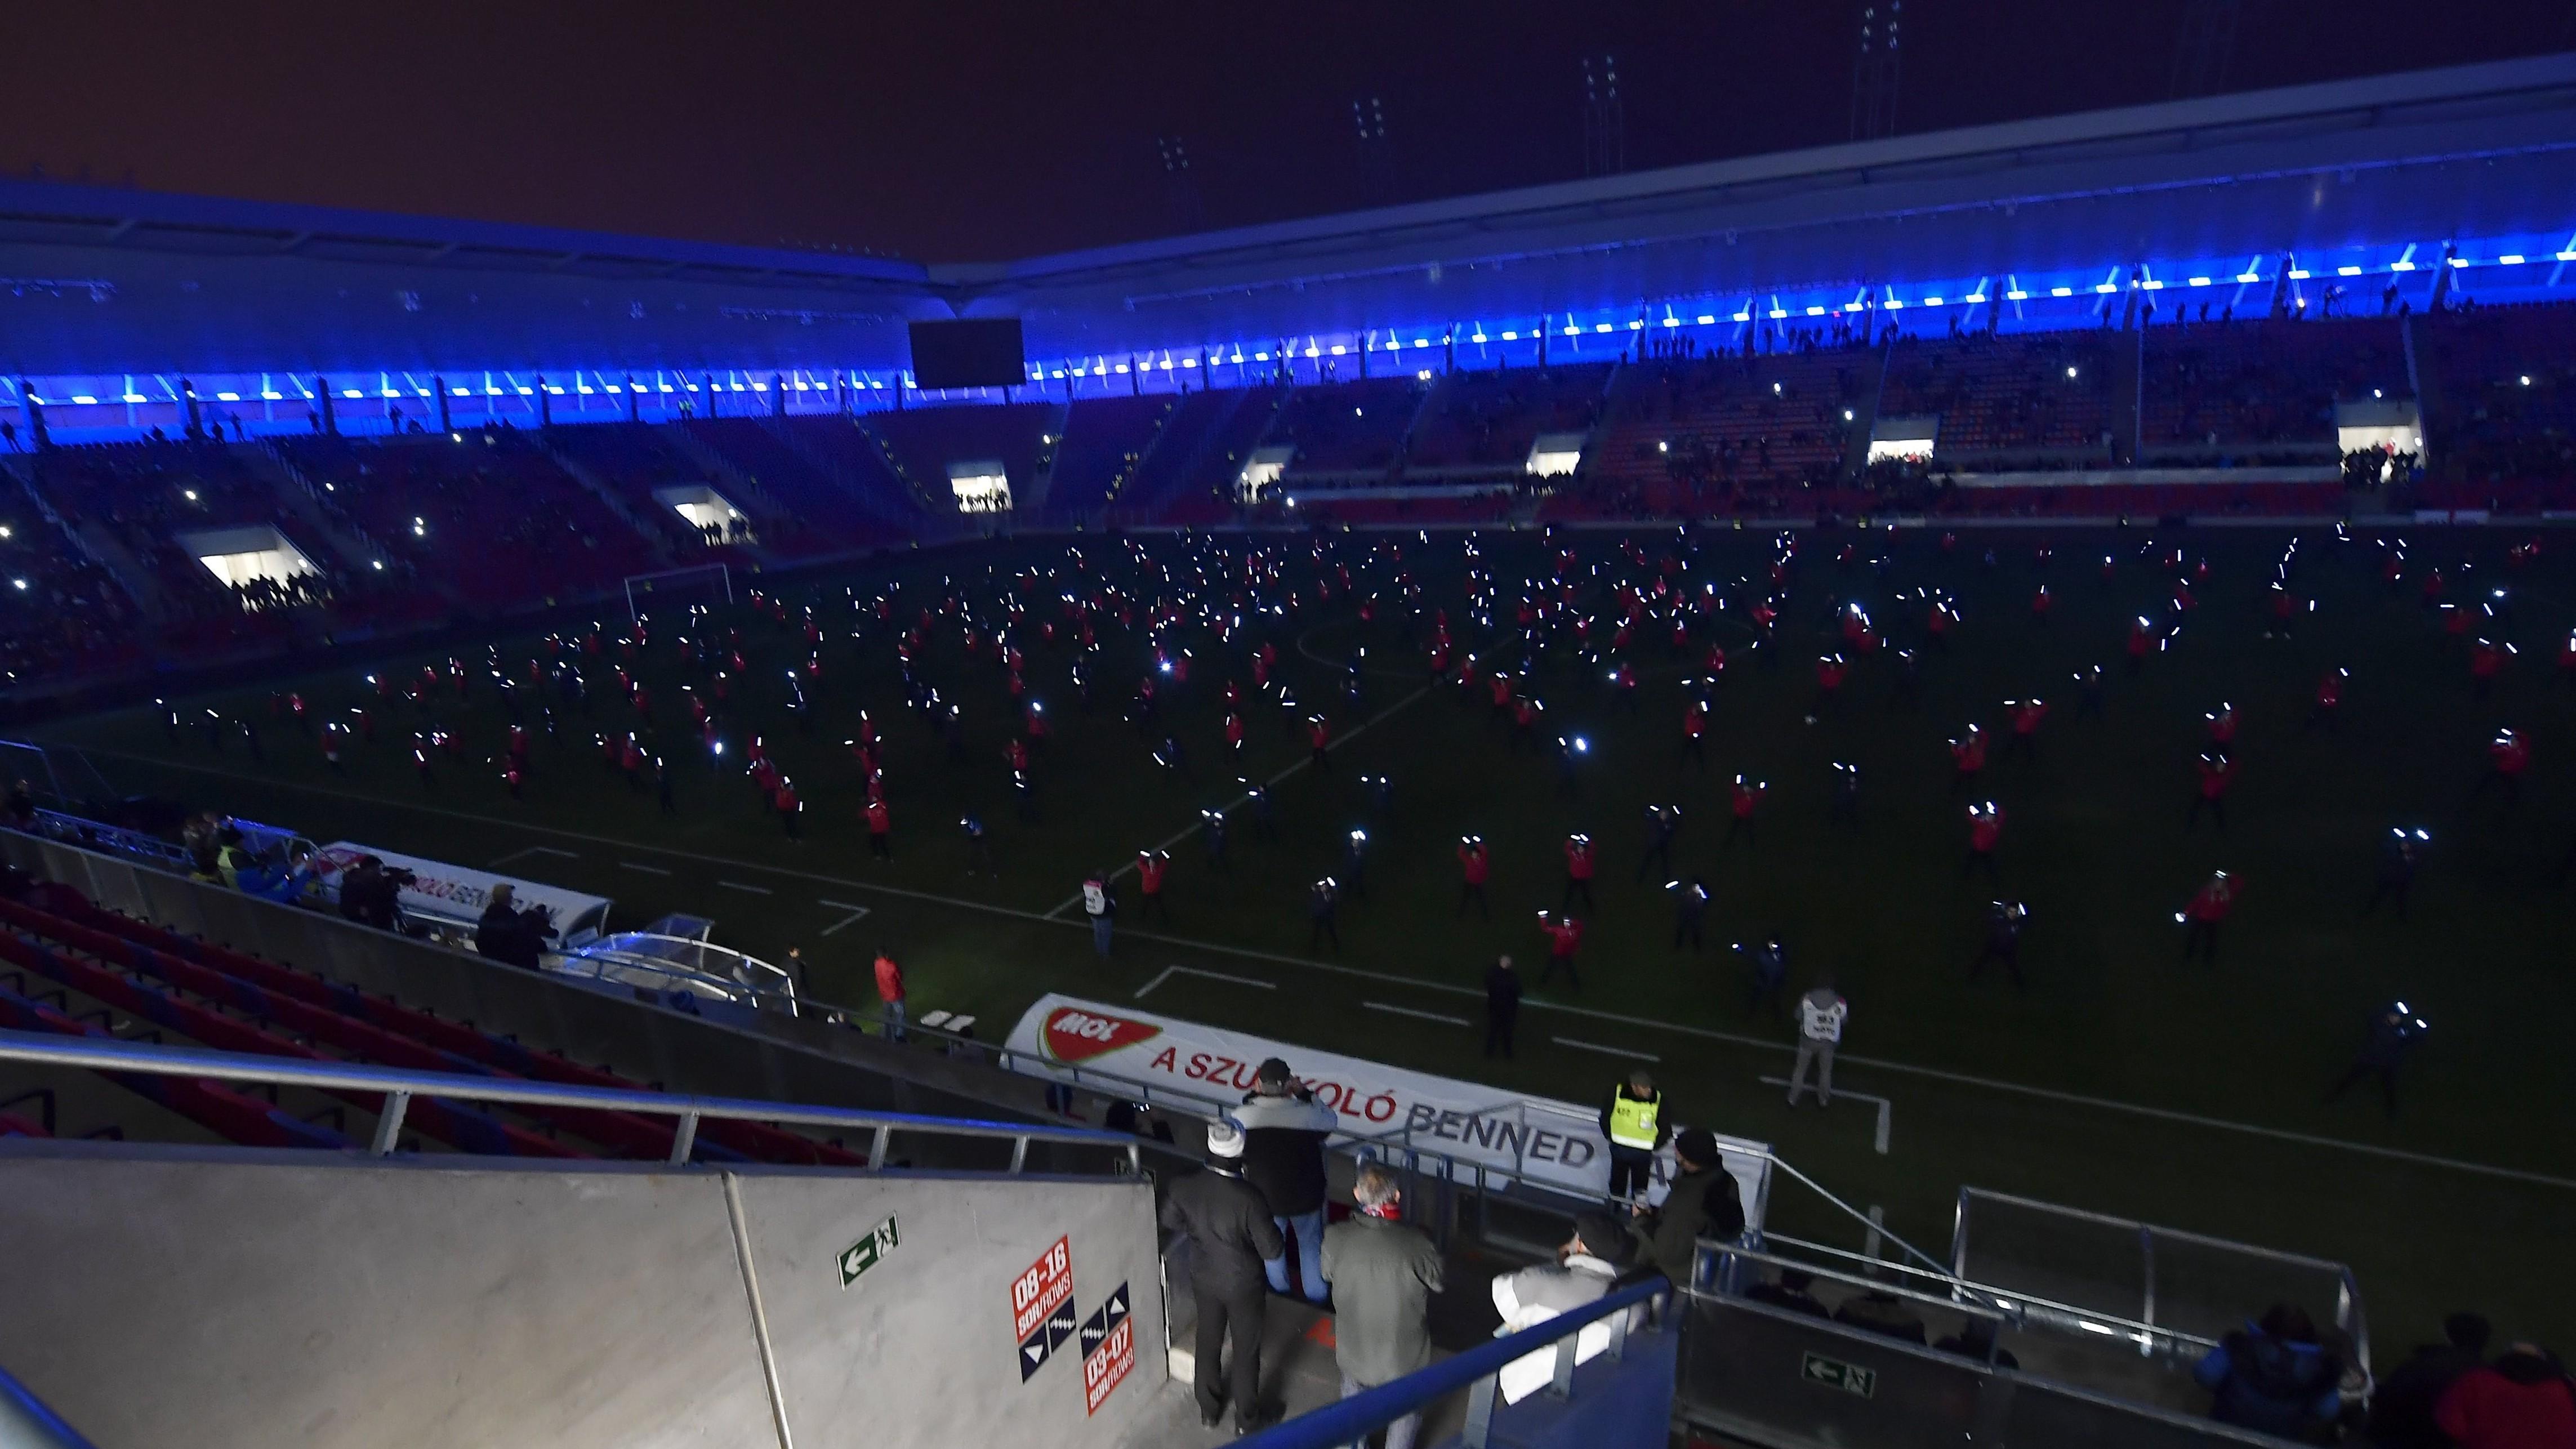 Felavatták az új székesfehérvári stadiont